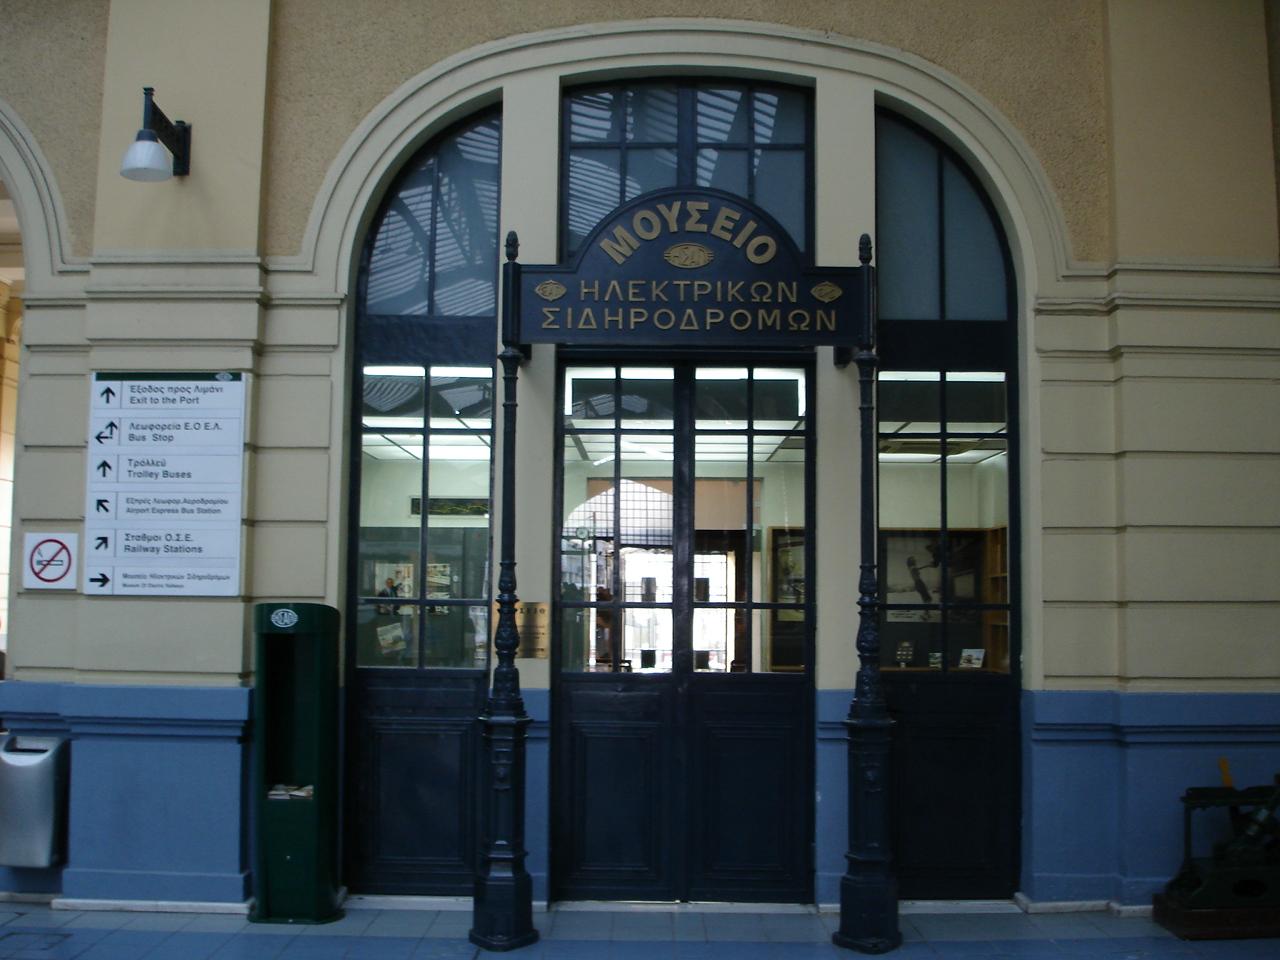 Το Μουσείο Ηλεκτρικών Σιδηροδρόμων στο σταθμό του Πειραιά